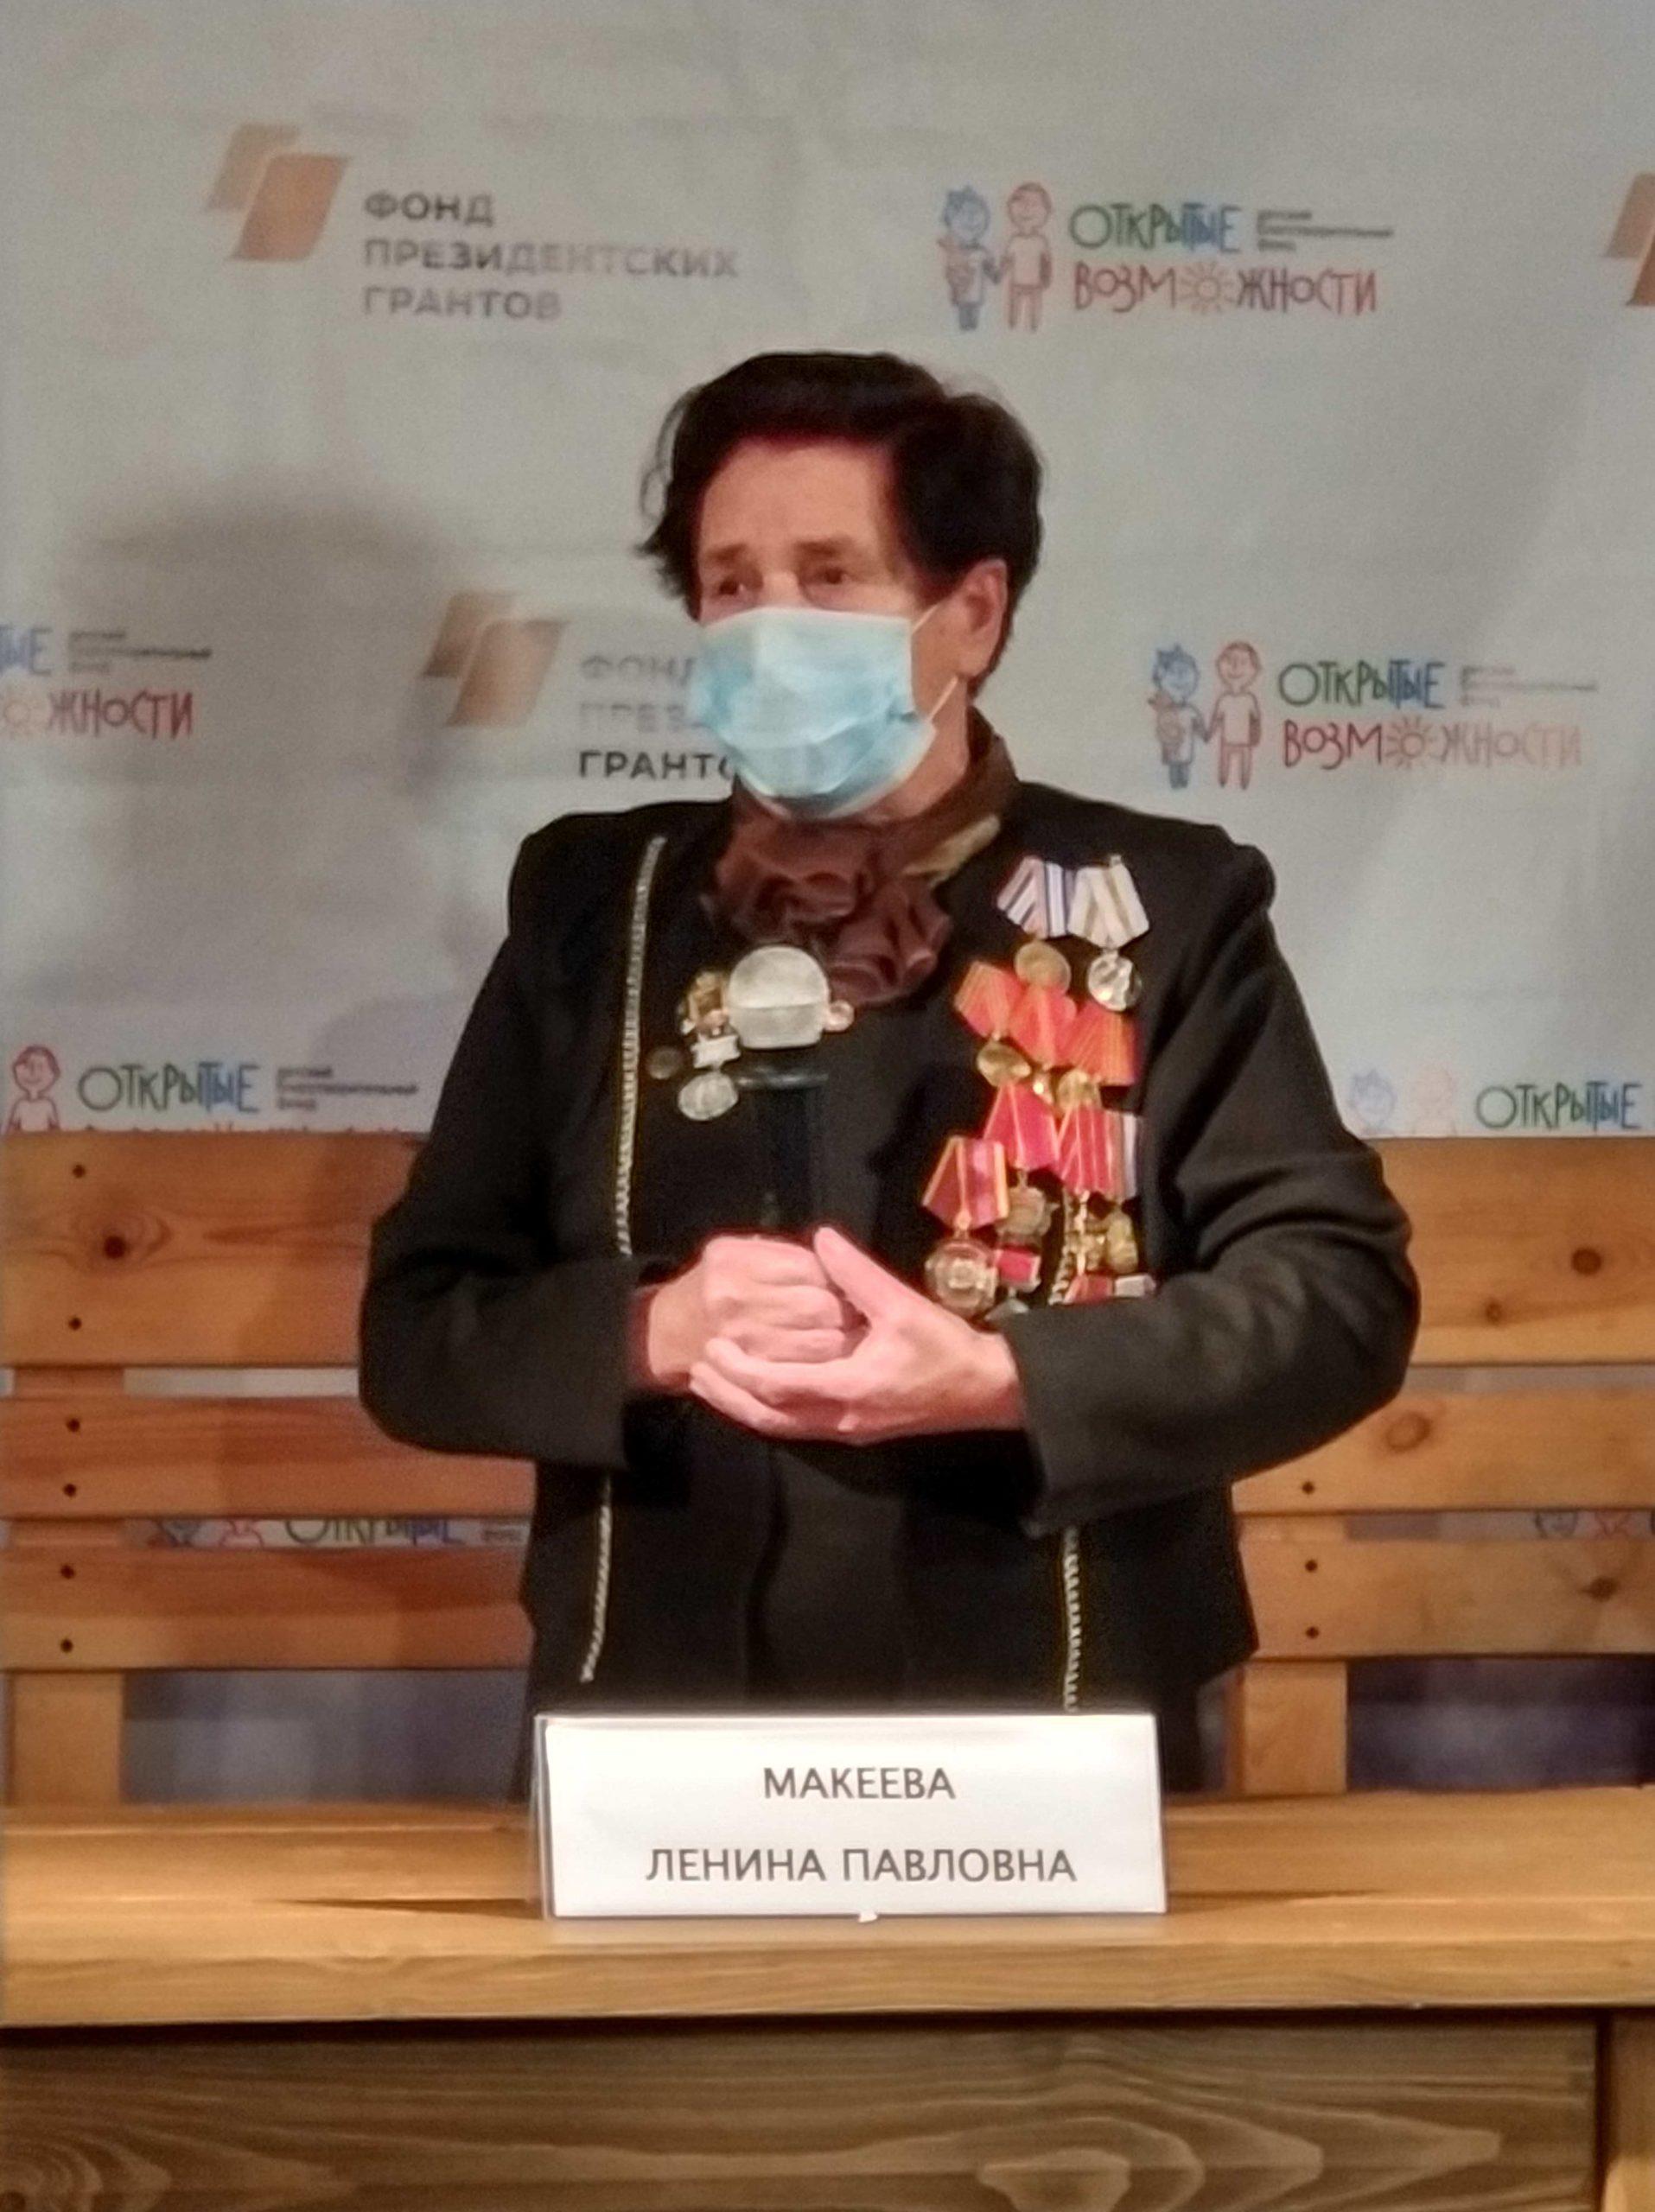 Л.П.Макеева